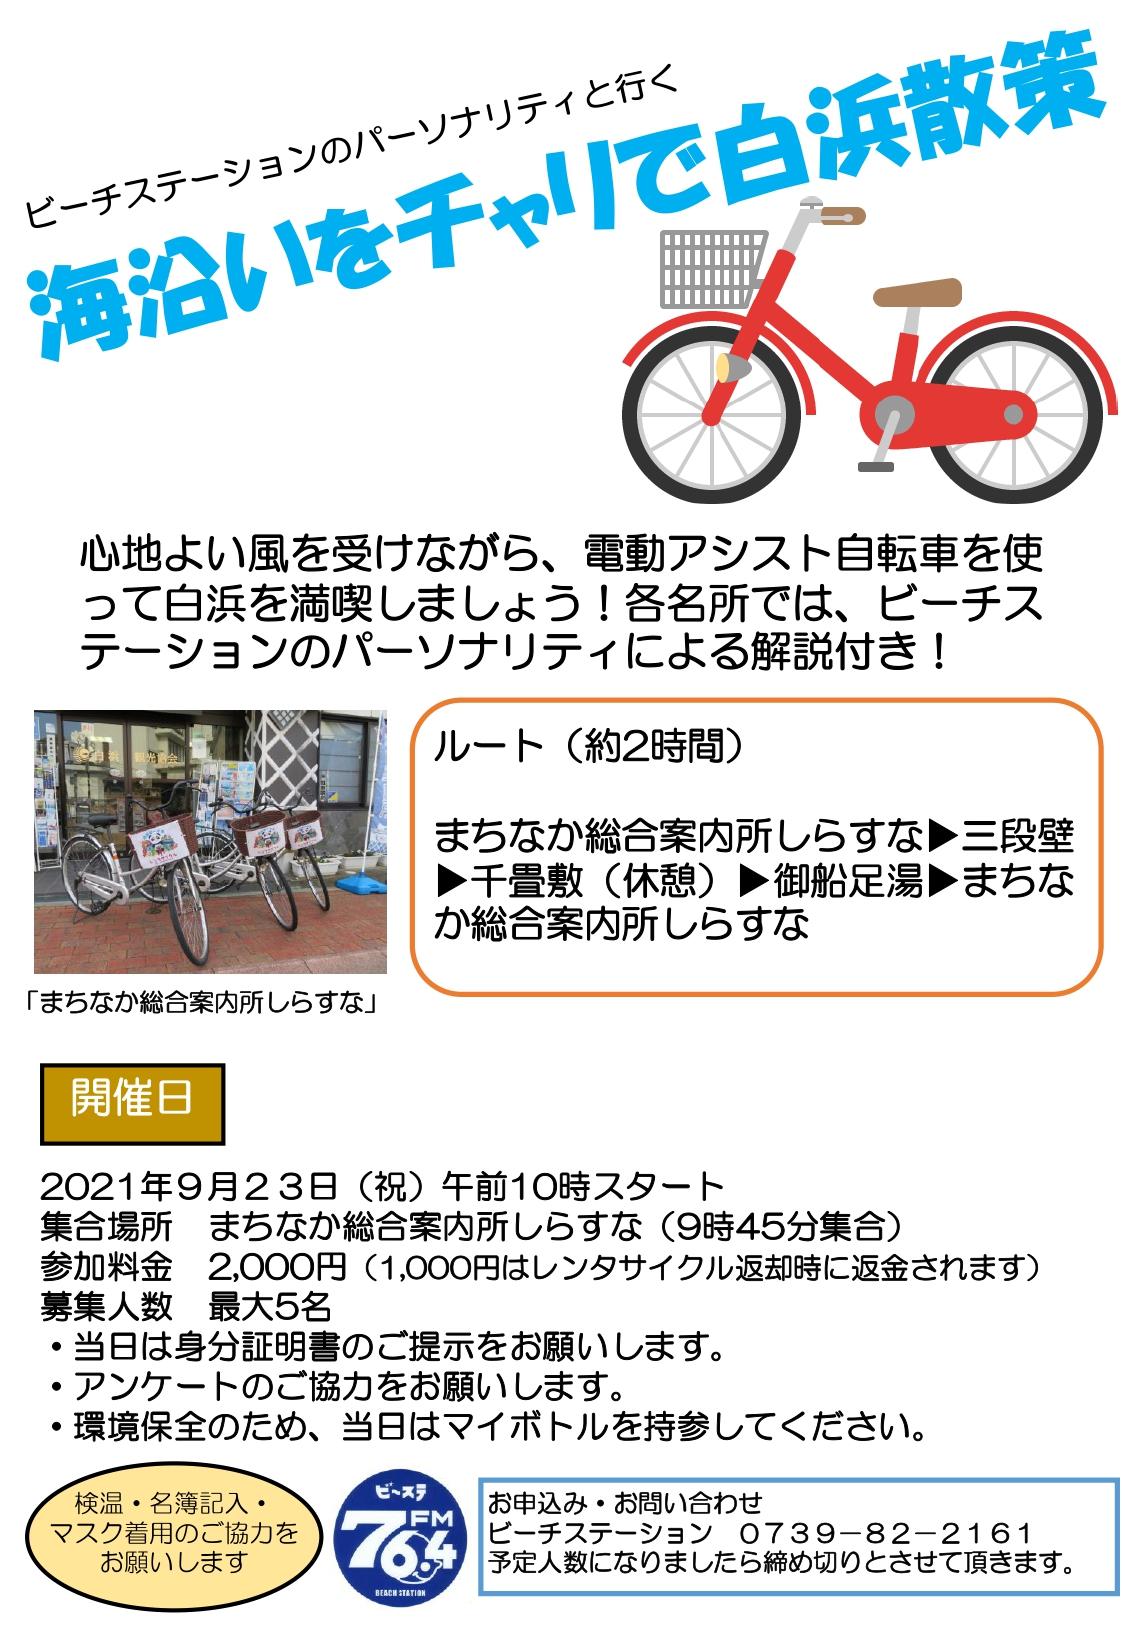 レンタサイクルイベントのお知らせ